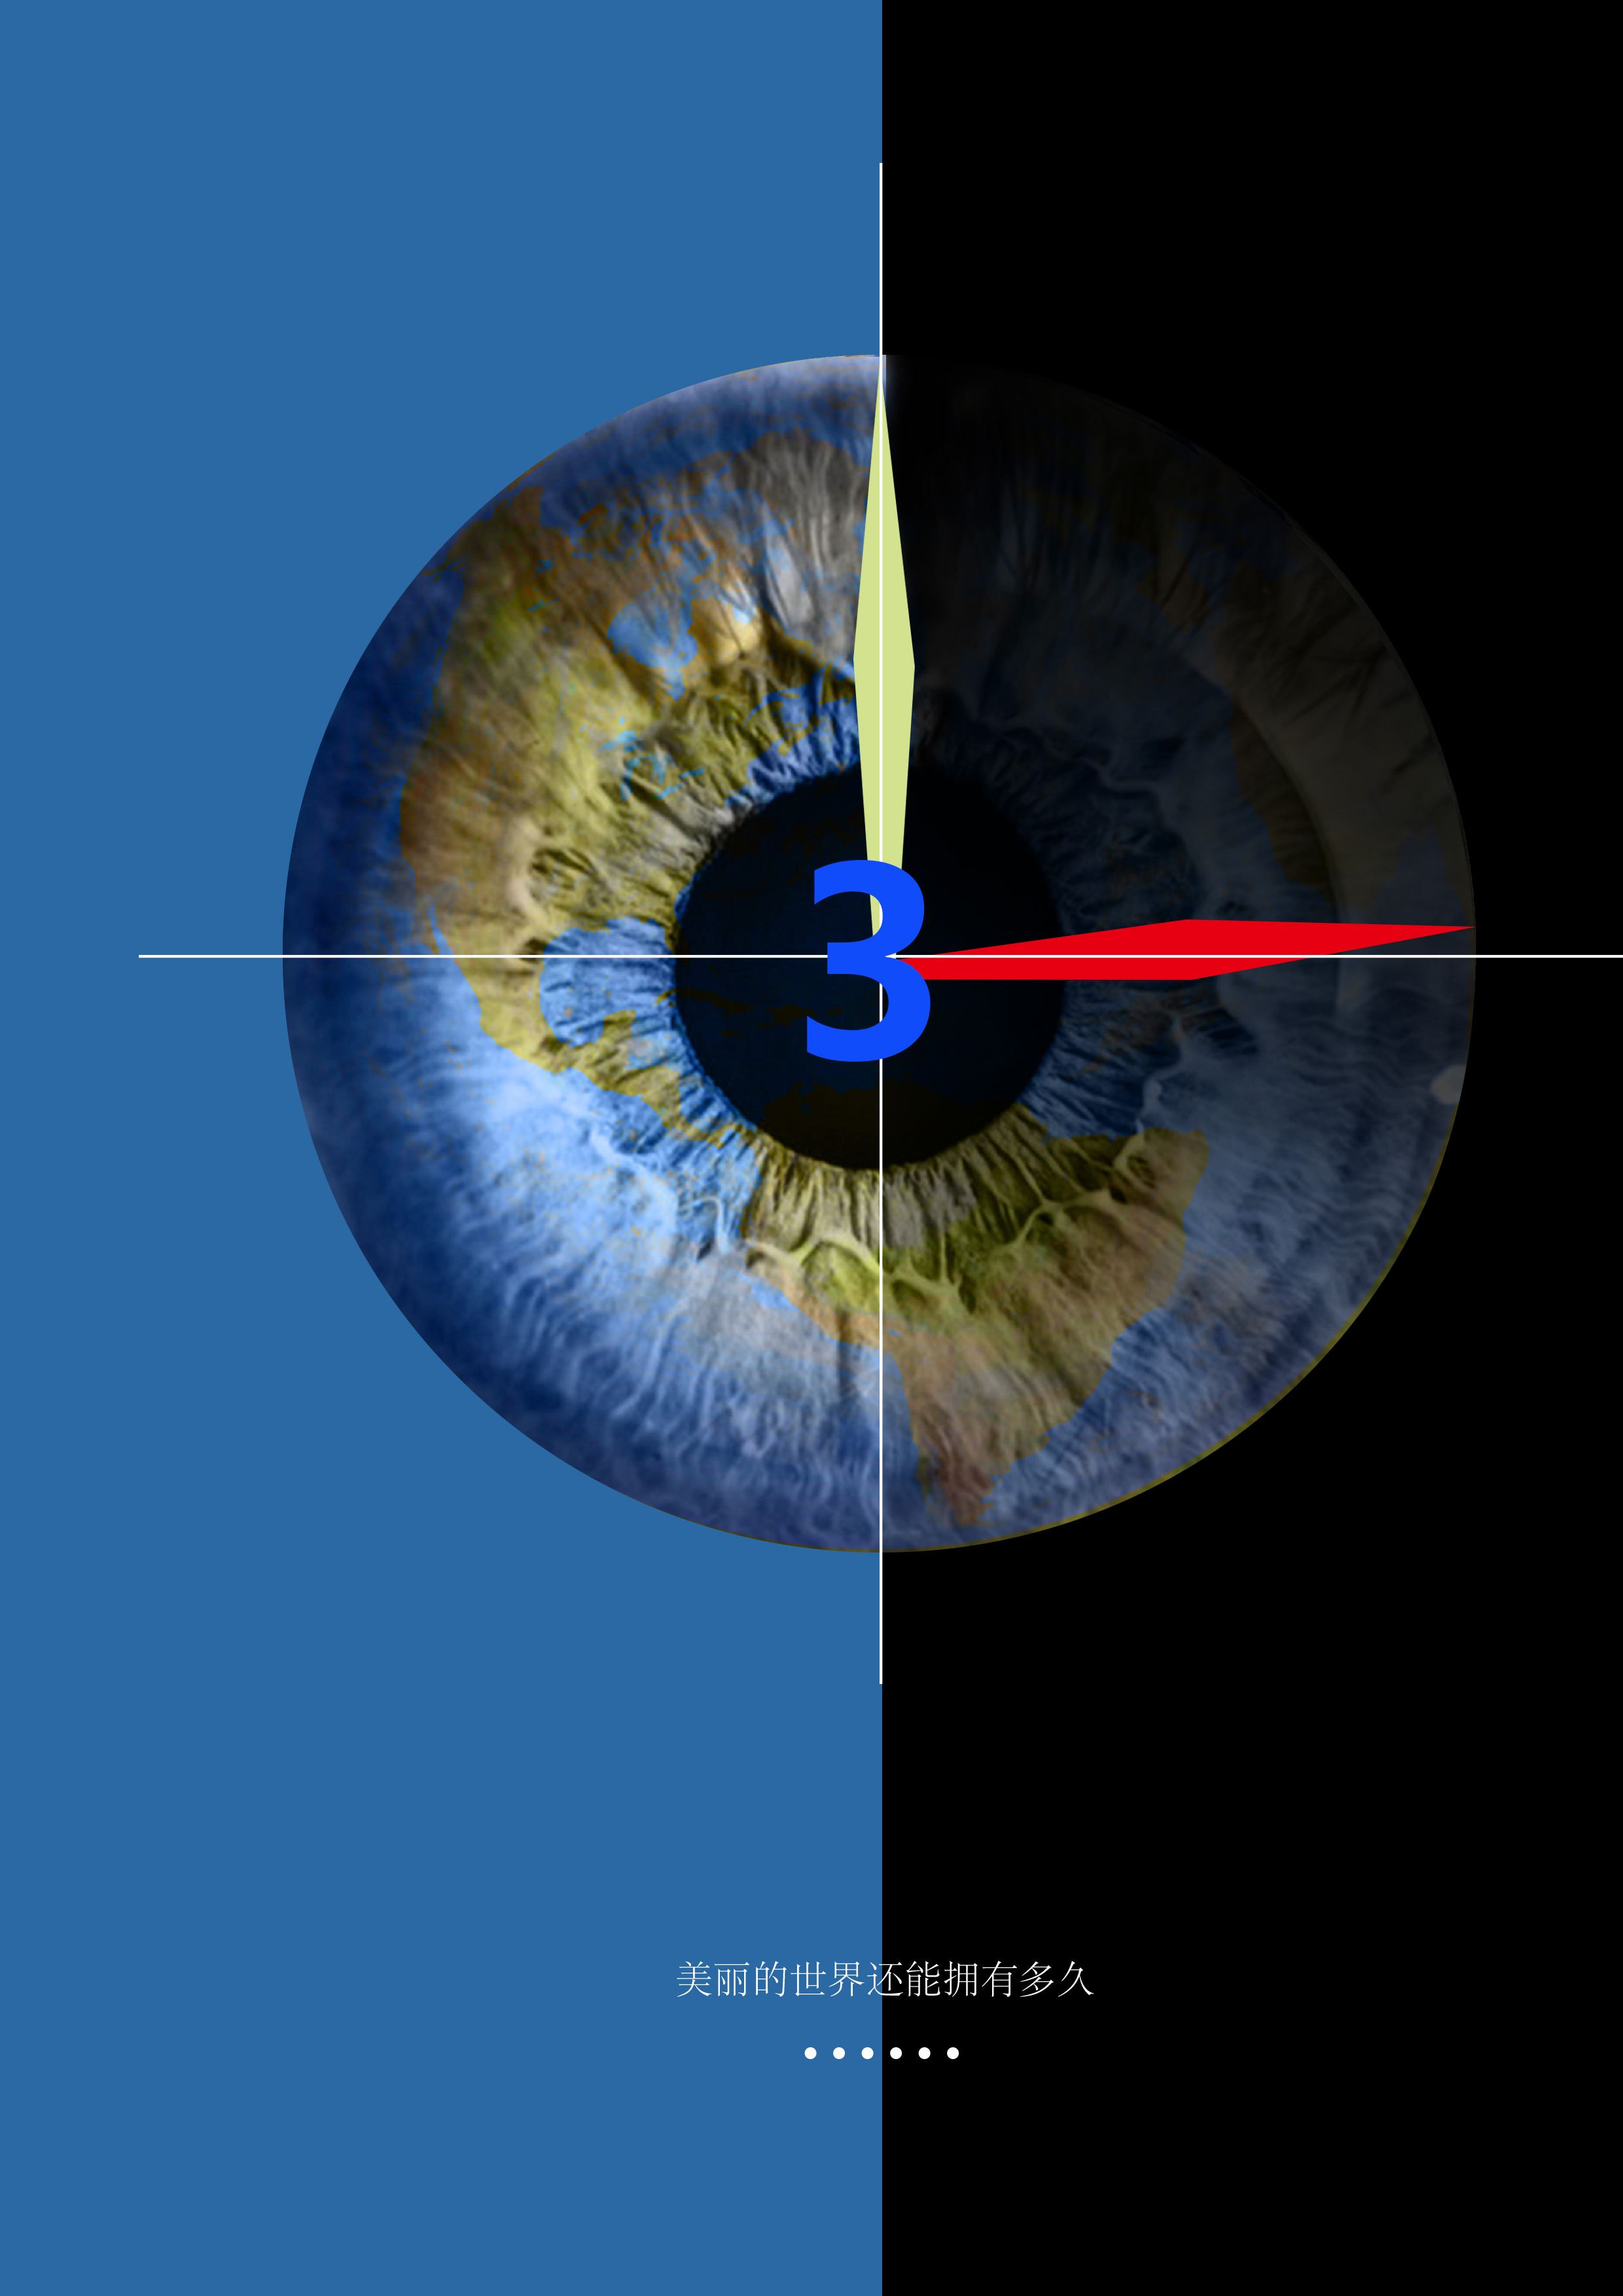 2018年世界视觉日: 爱眼护眼,拥有一双明亮的双眼